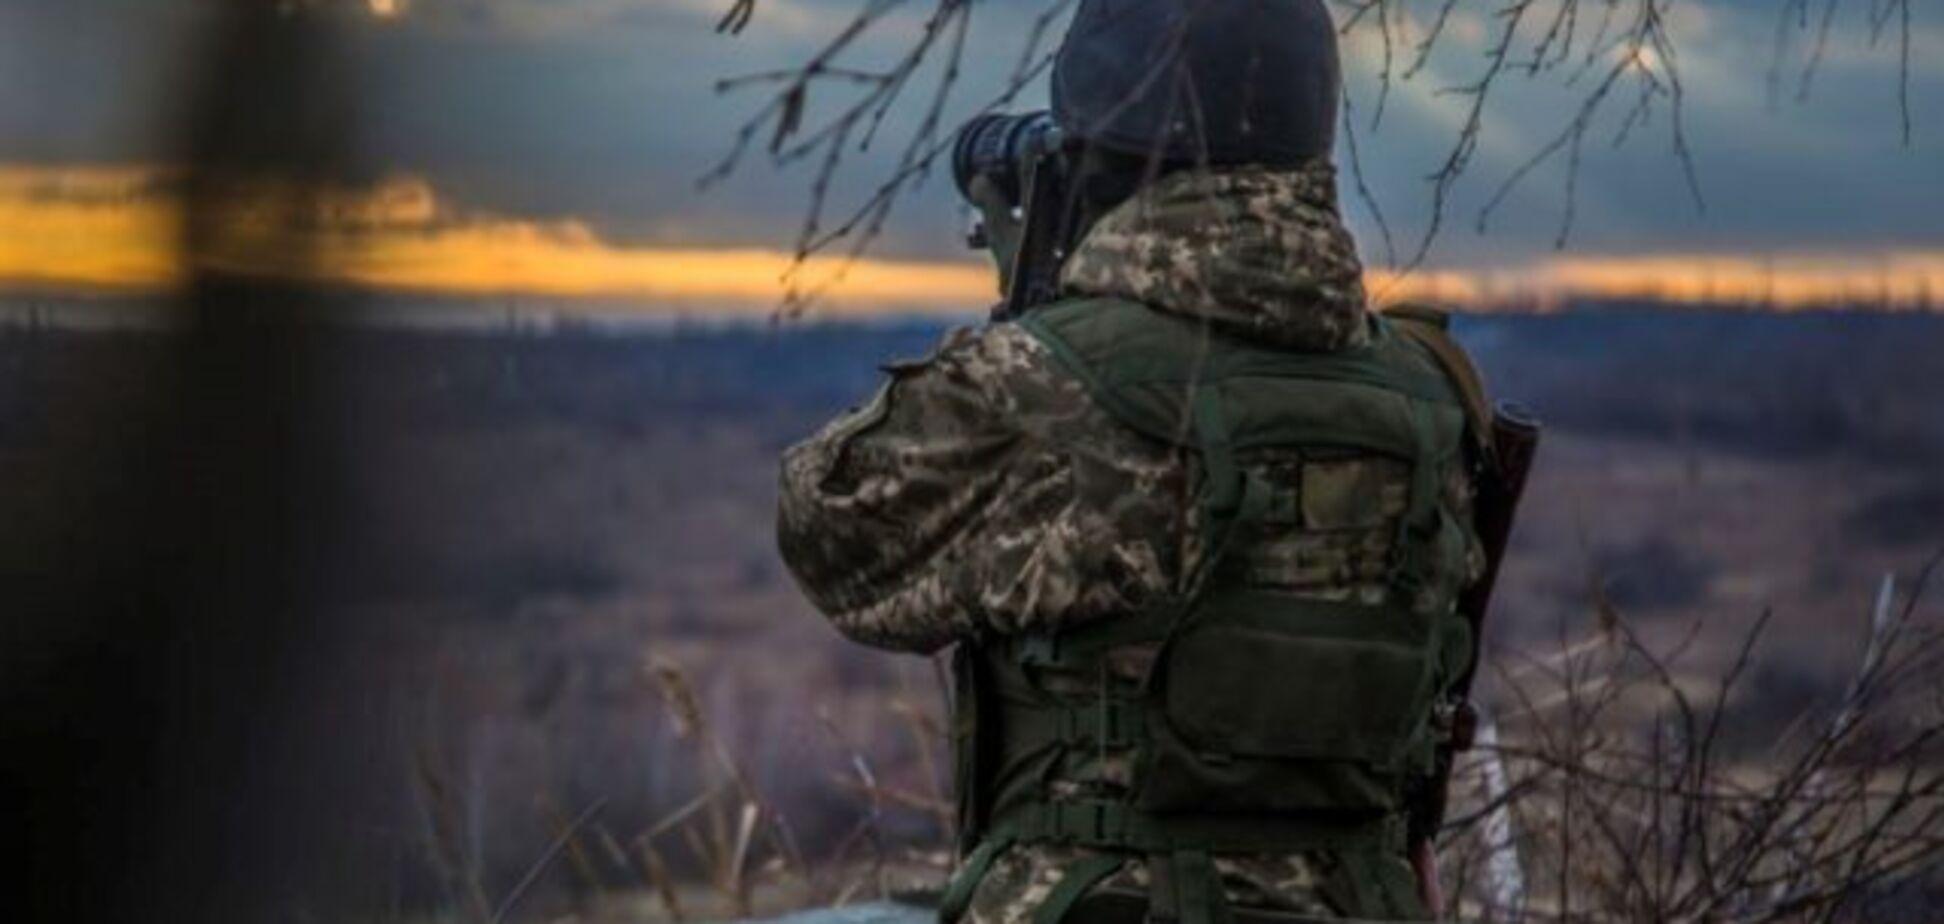 Під контролем: ЗСУ відзвітували про новий успіх на Донбасі